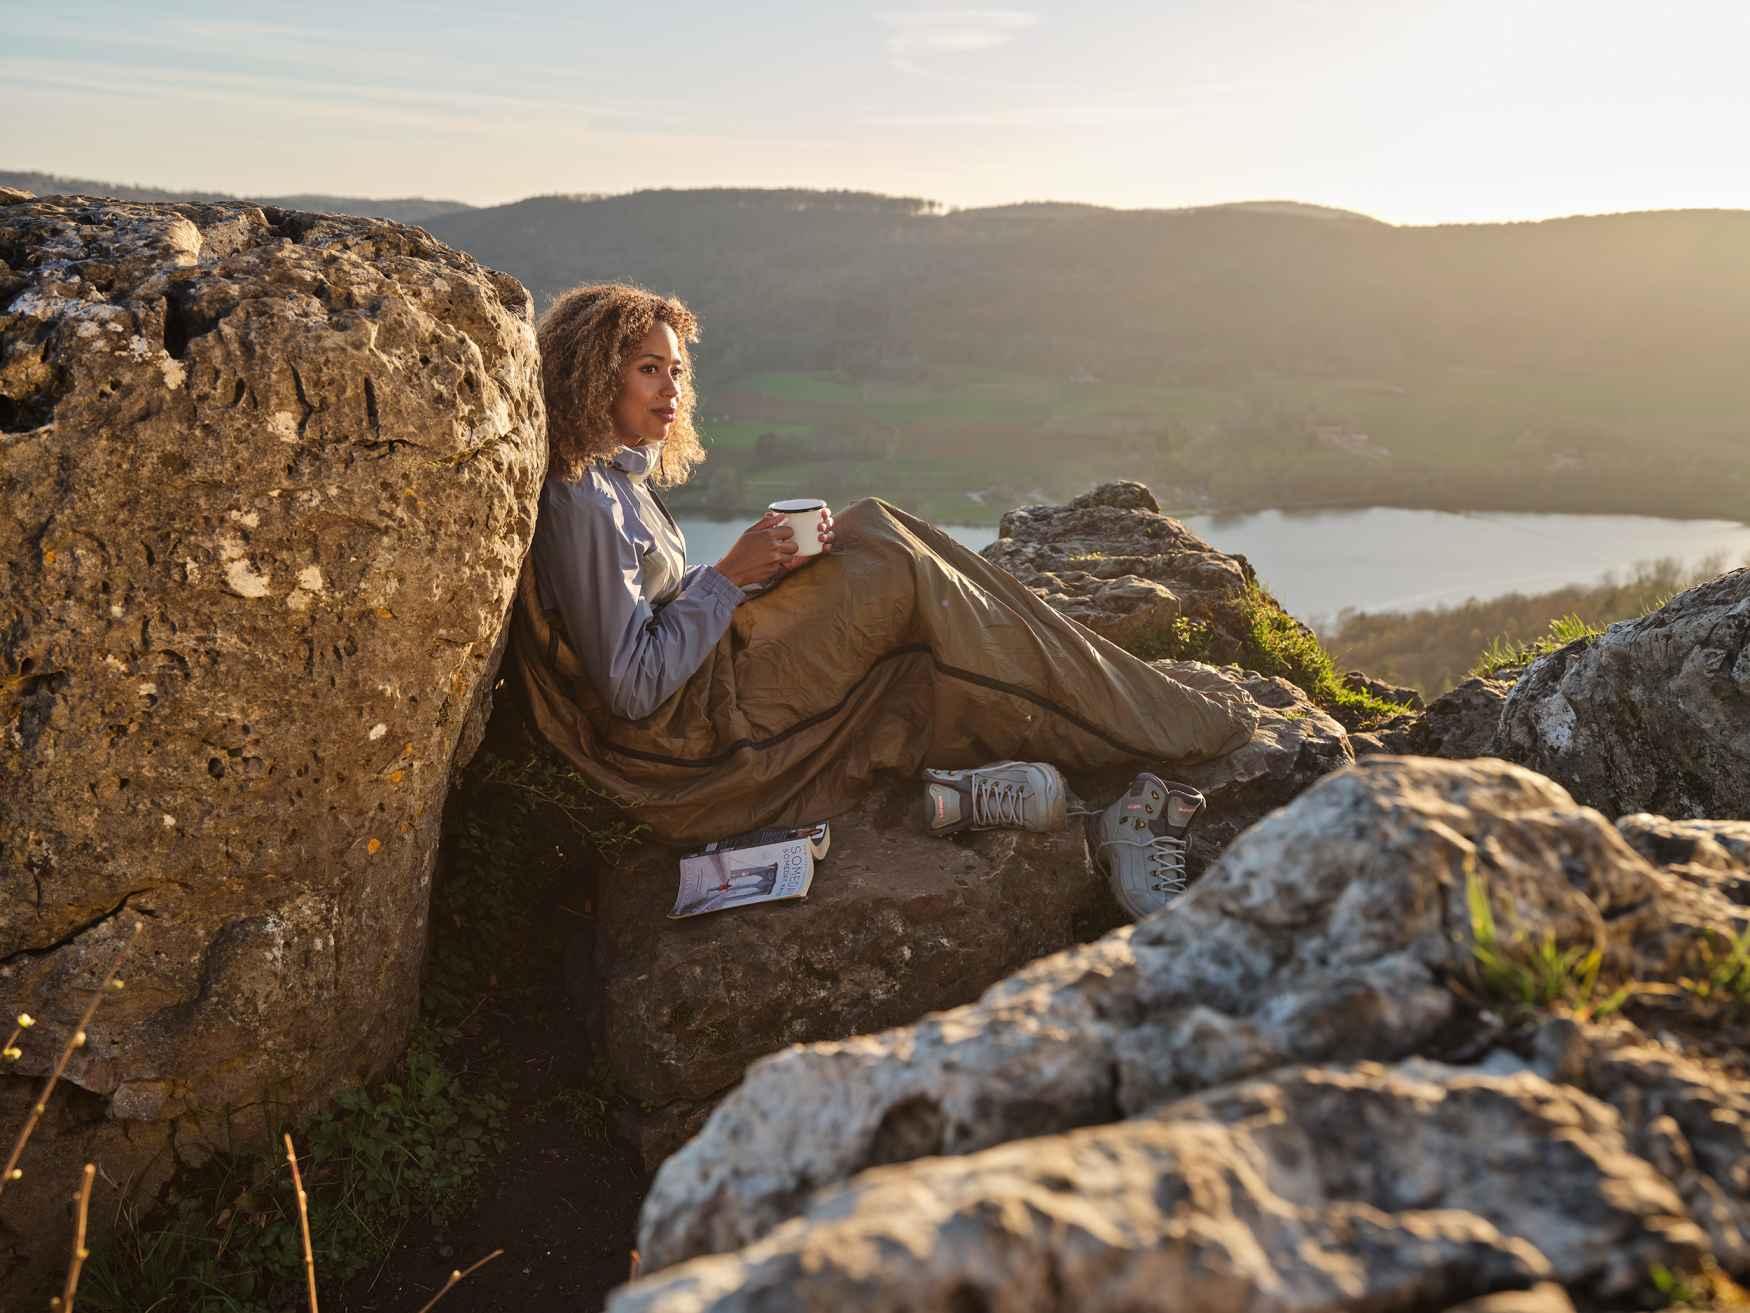 Wie zijn liefde voor de bergen ook in het dagelijks leven altijd wil uitdragen, doet er goed aan om de casual WENDELSTEIN II Ws-vrijetijdsschoenen te dragen. Dit model verenigt het beste van de bergwereld in een lichte in gemakkelijke vrijetijdsschoen. Hierin versmelten het traditionele, stijlvolle design met bewezen schoenmakerstradities en de modernste innovaties. De bijzonderheden van de retrolook vallen al bij een eerste blik op: eenvoudige en heldere lijnen, gecombineerd met rustieke metalen ogen en hoogwaardig glad leer.